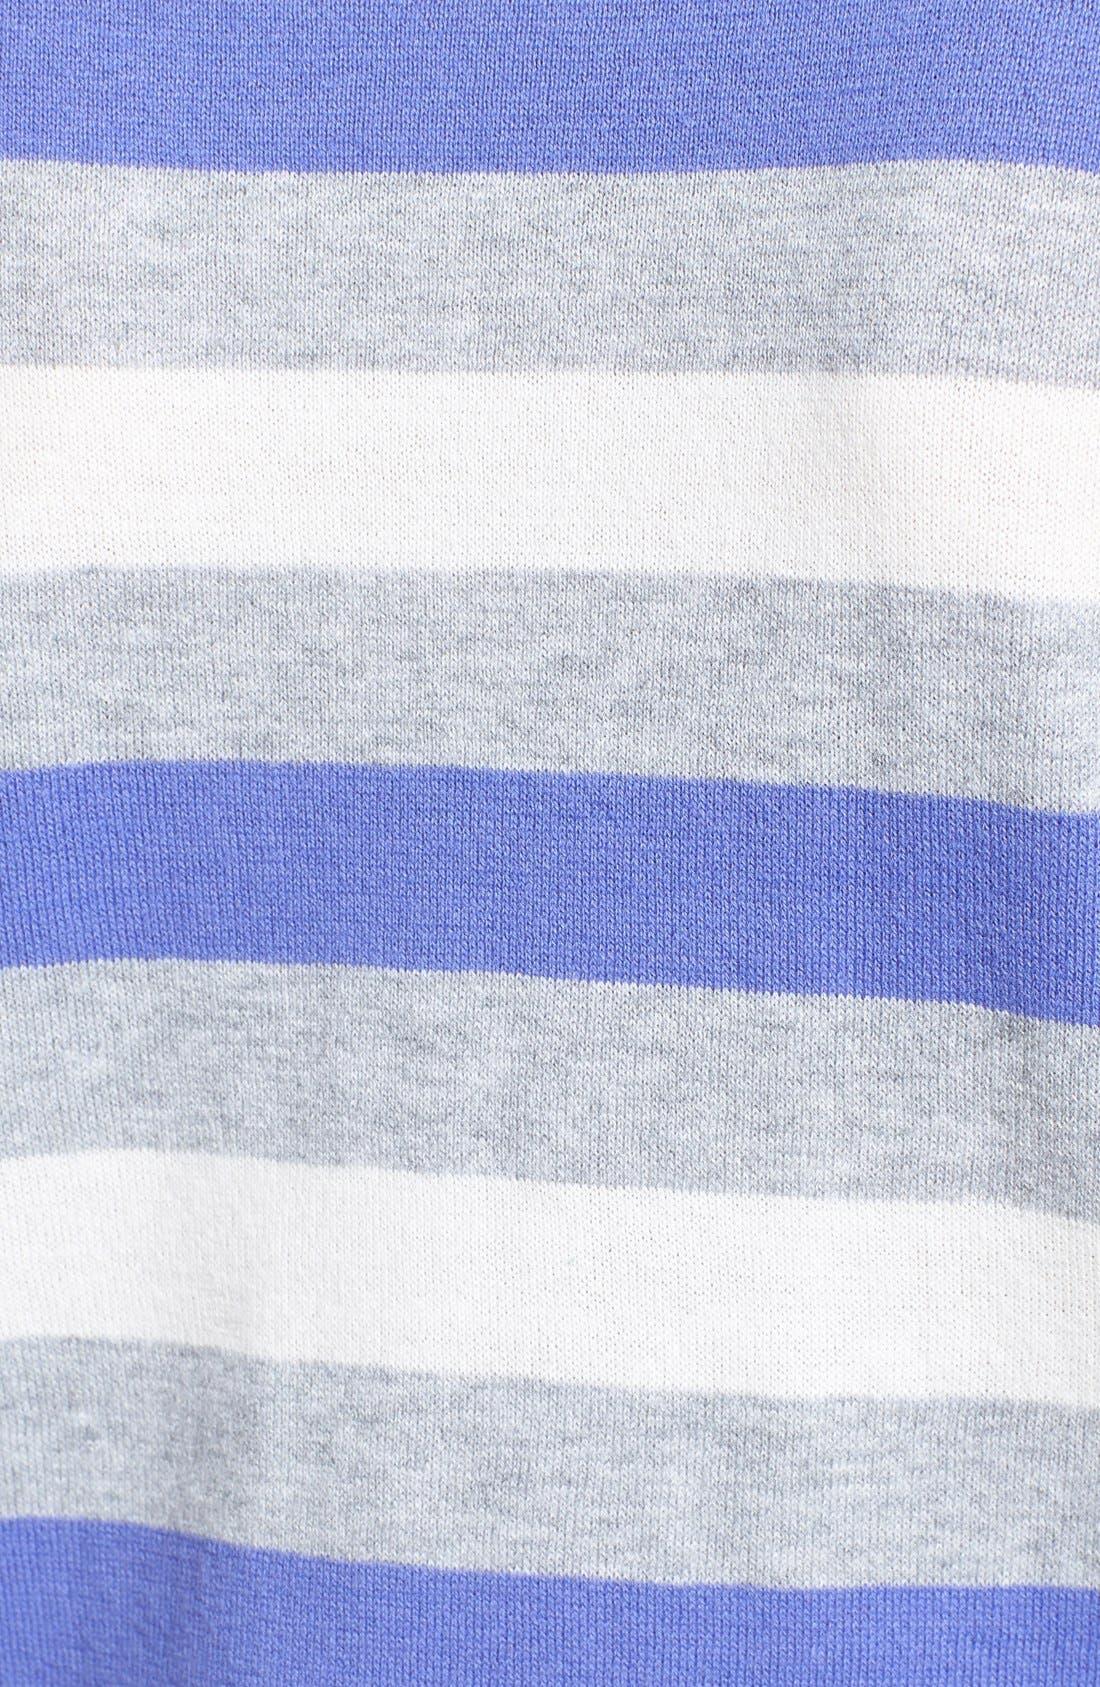 Alternate Image 3  - Vince Camuto Stripe Crewneck Sweater (Petite)